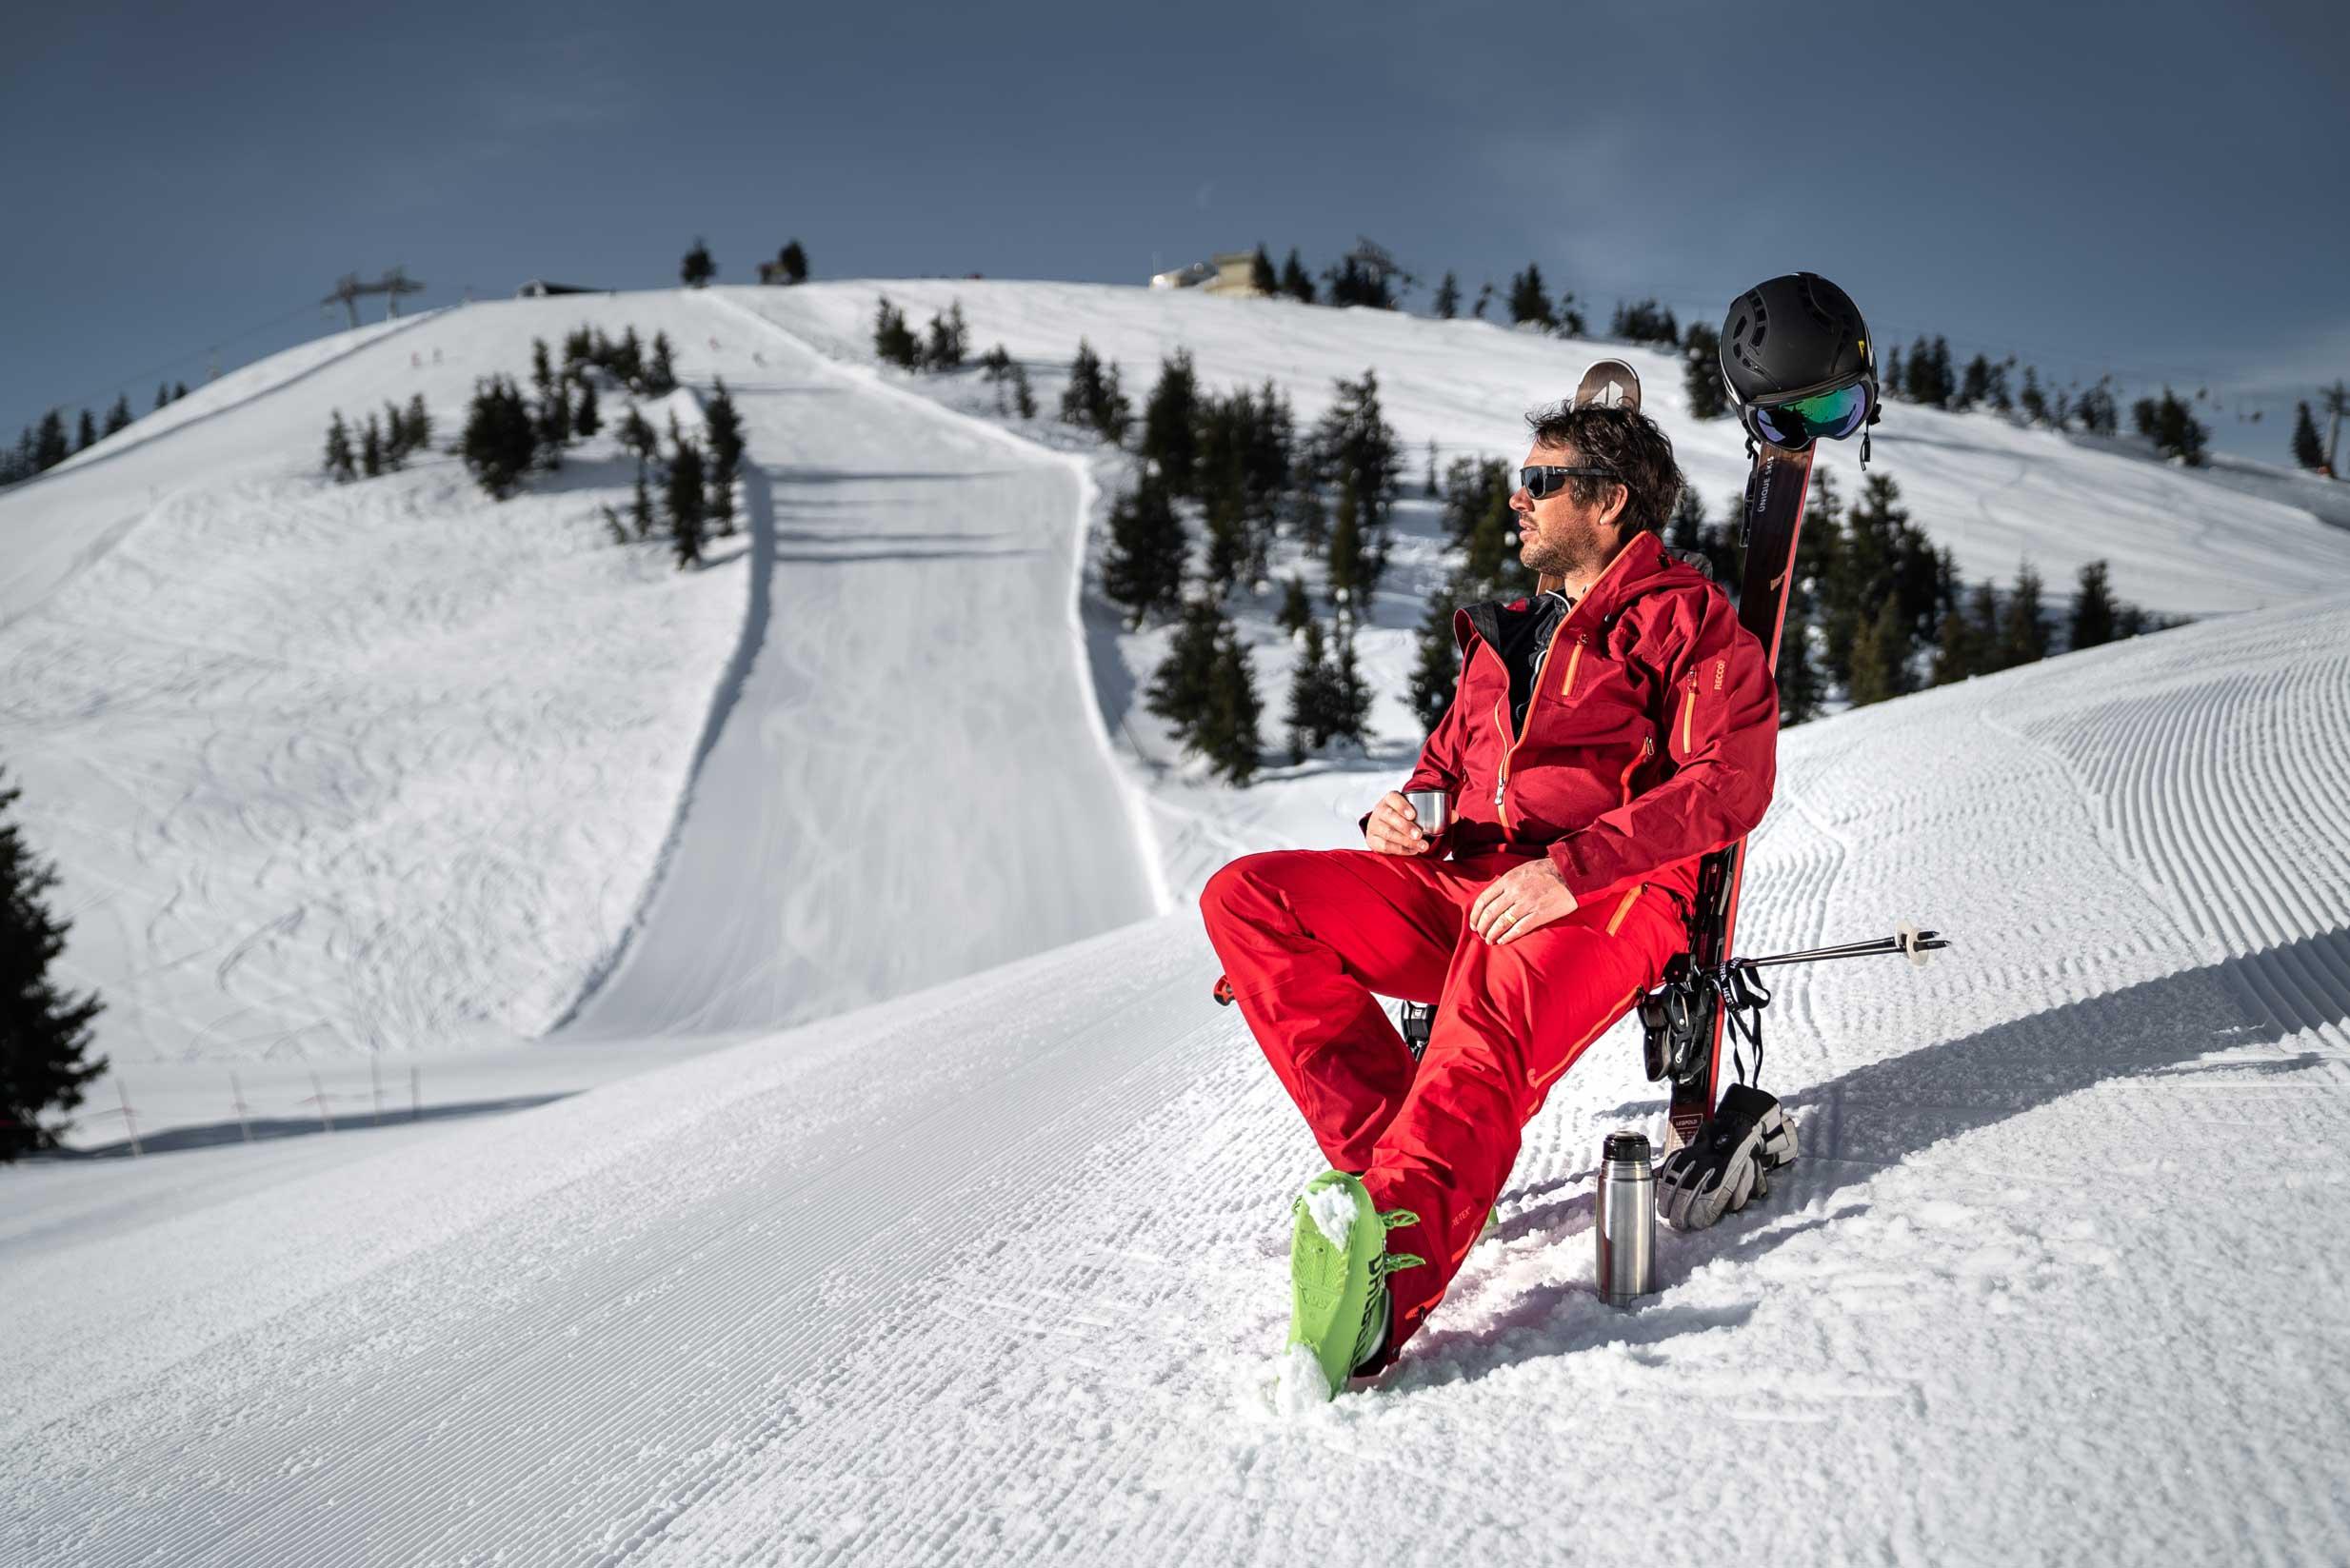 Skifahrer sitzt aus selbst gemachtem Stuhl auf der Piste und genießt die Ruhe und den Ausblick.